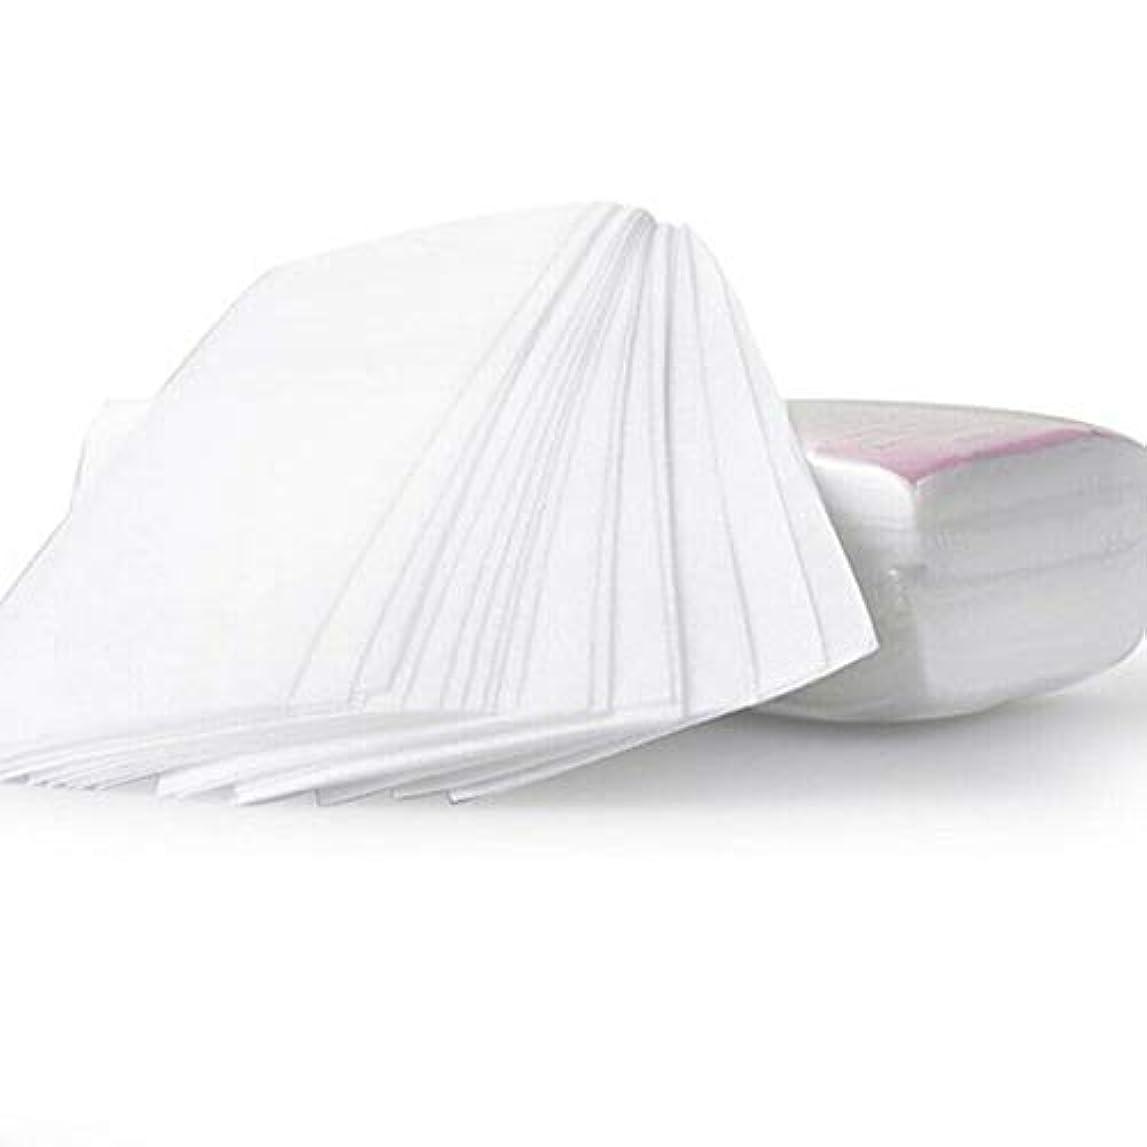 ページ取得する住むLULAA ワックス脱毛紙 脱毛シート 衛生 使い捨て 迅速かつ簡単 痛い感じがなく 100枚